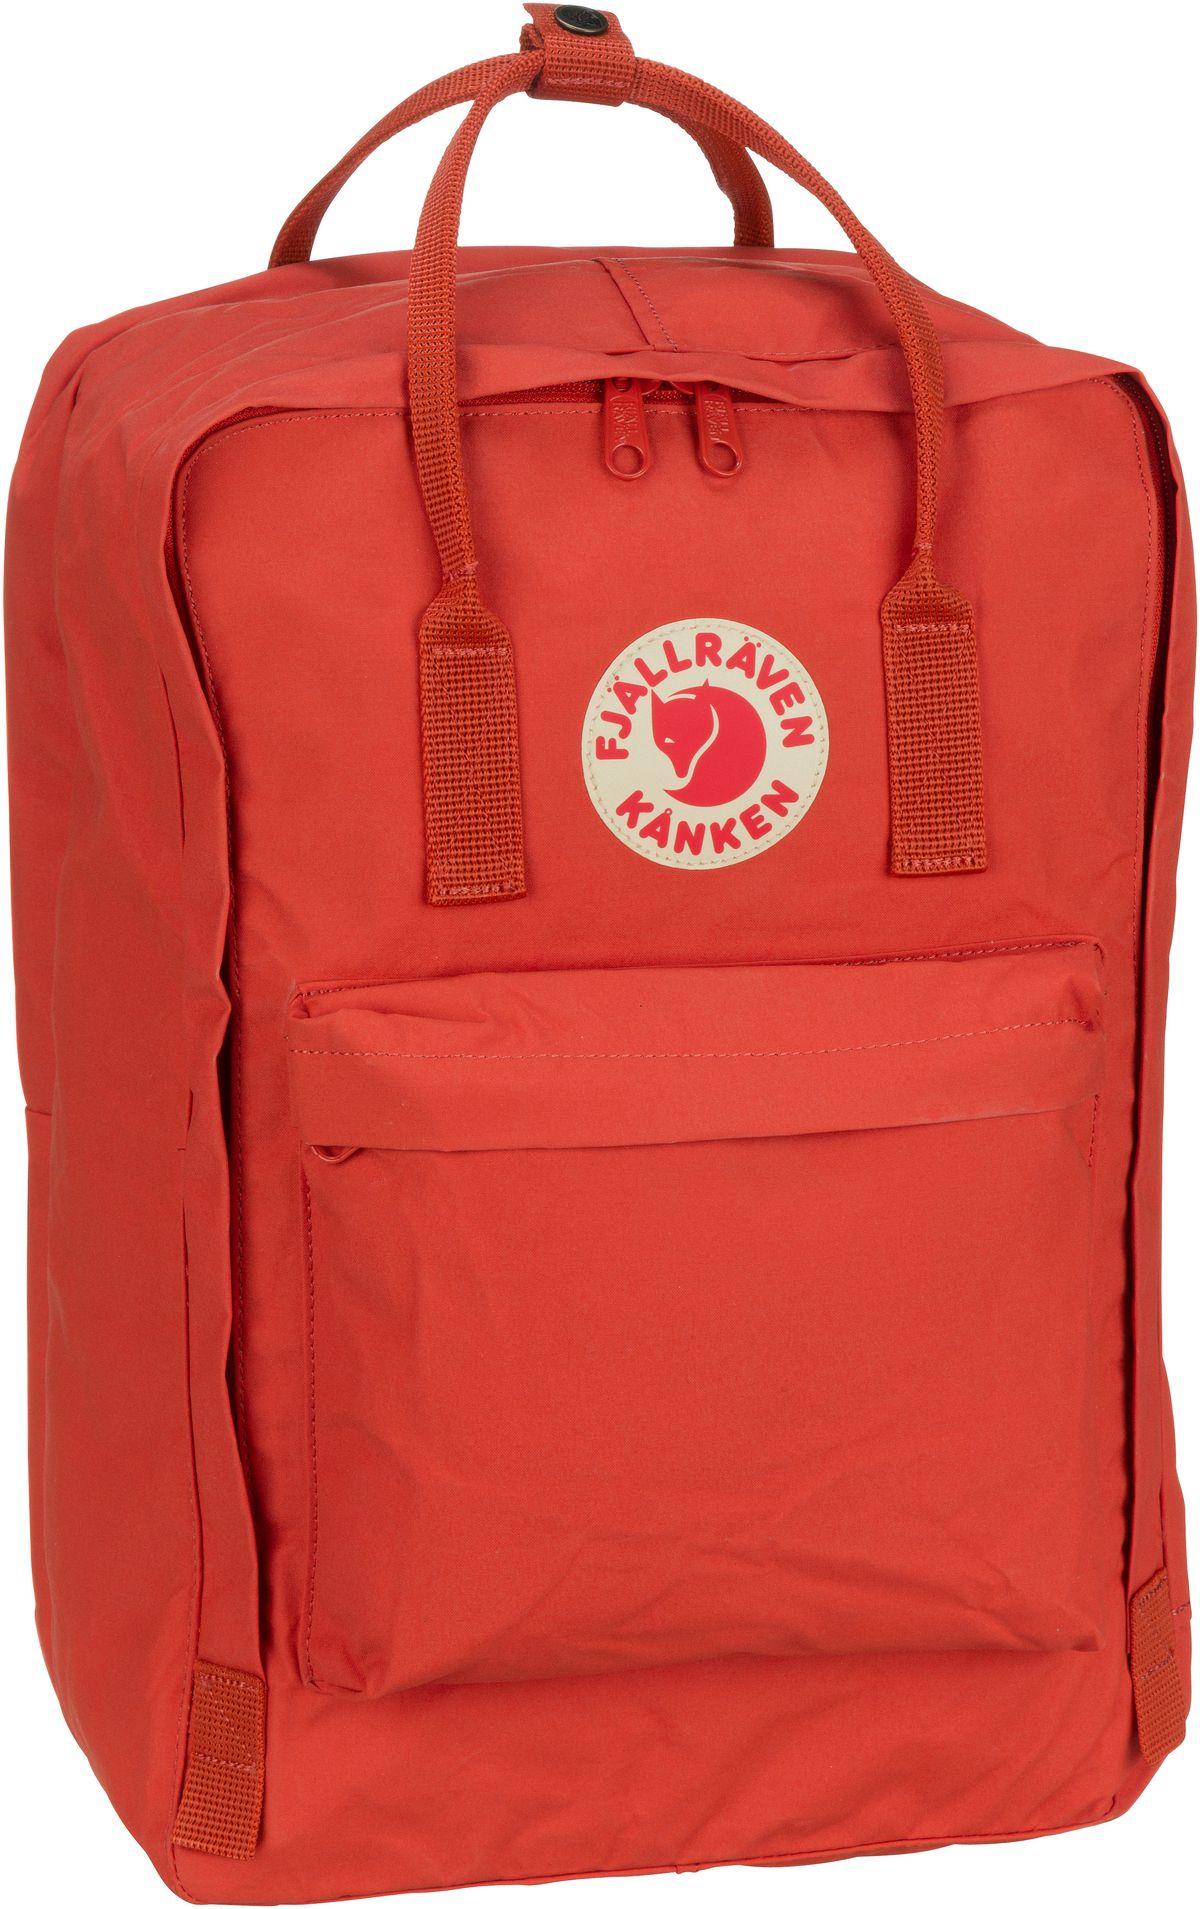 Laptoprucksack Kanken Laptop 17'' Rowan Red (20 Liter)